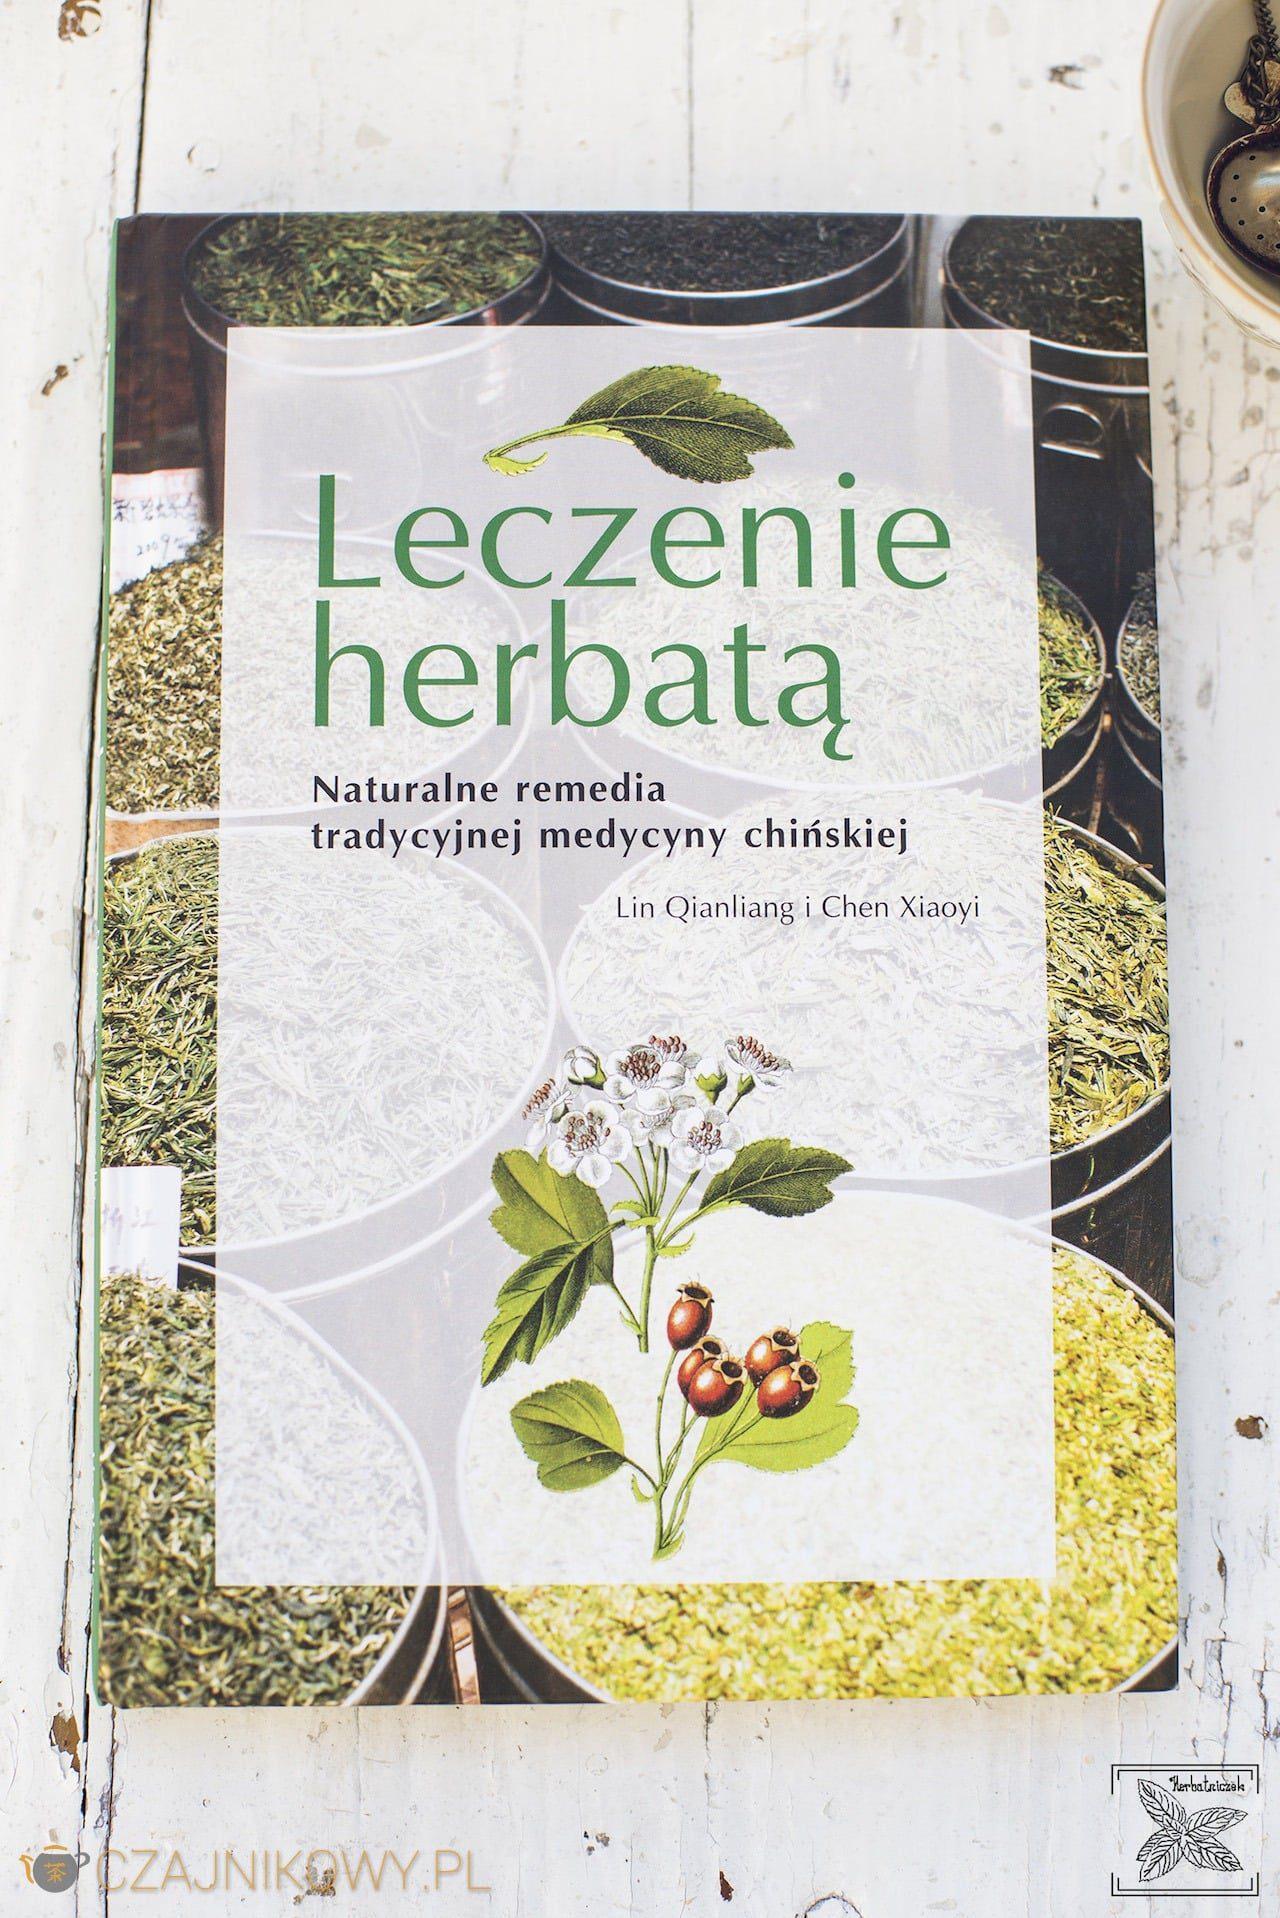 Leczenie herbatą. Naturalne remedia tradycyjnej medycyny chińskiej. Recenzja książki